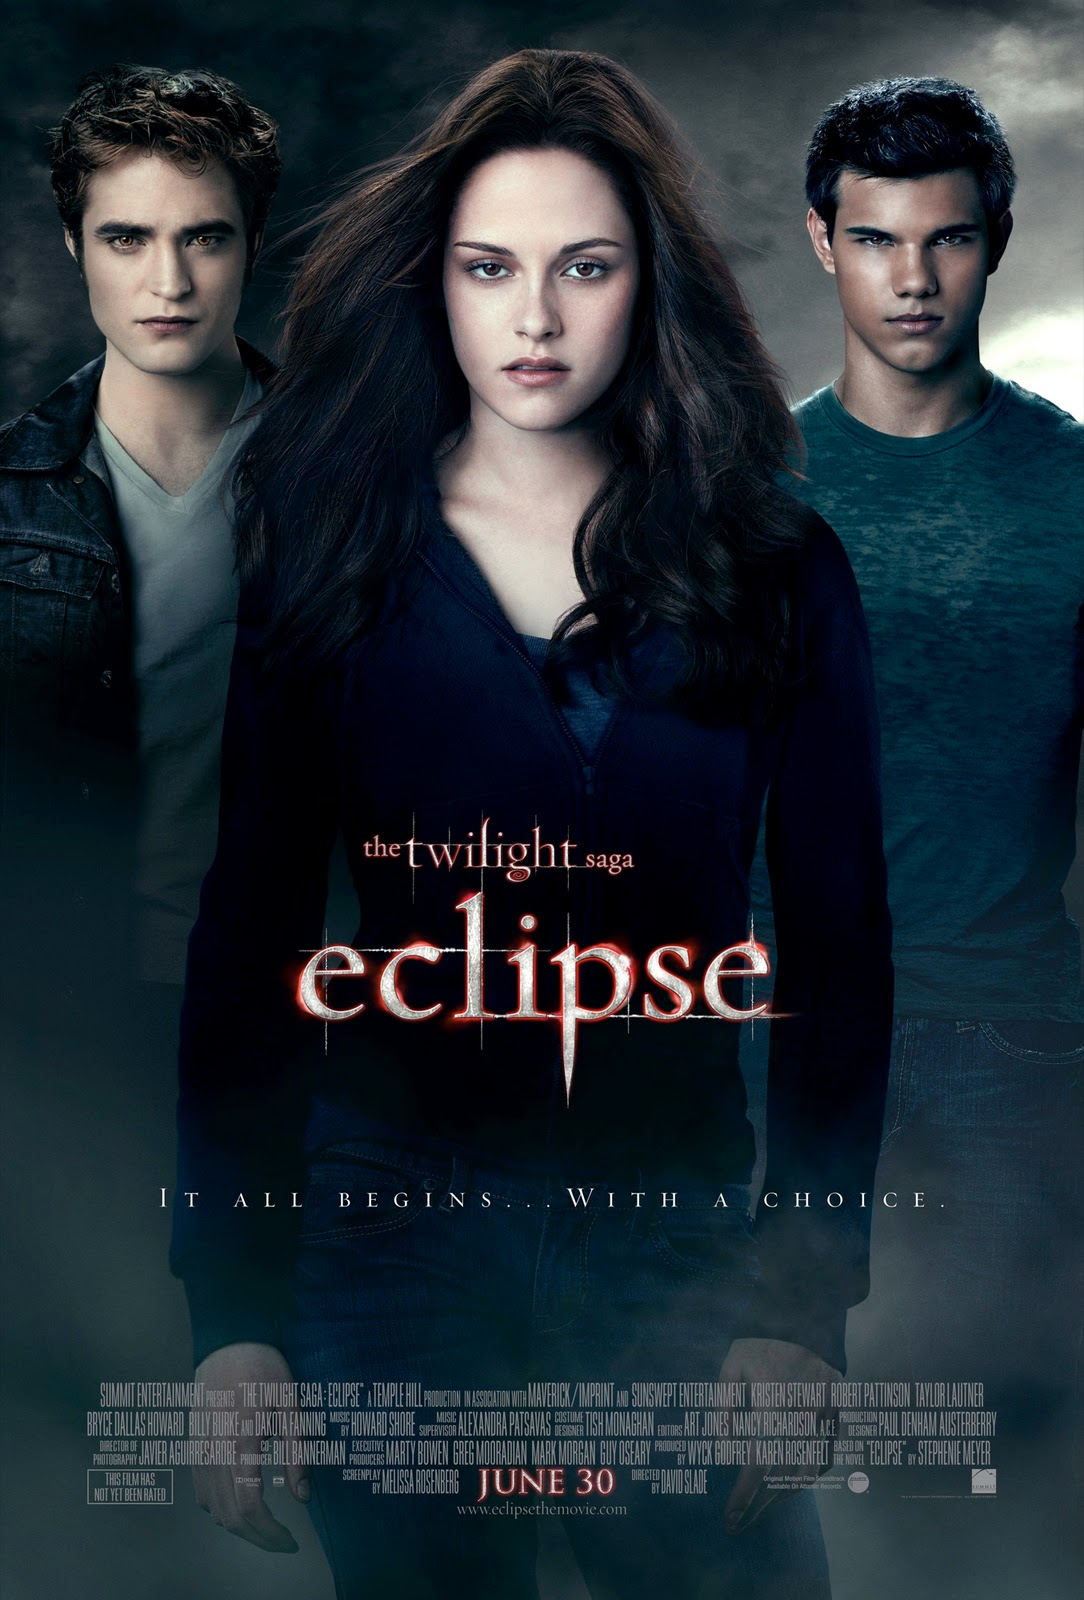 http://4.bp.blogspot.com/_lweymjmz4GY/TCVRmTOGJVI/AAAAAAAAP8o/du6SdGvX43g/s1600/twilight_saga_eclipse.jpg